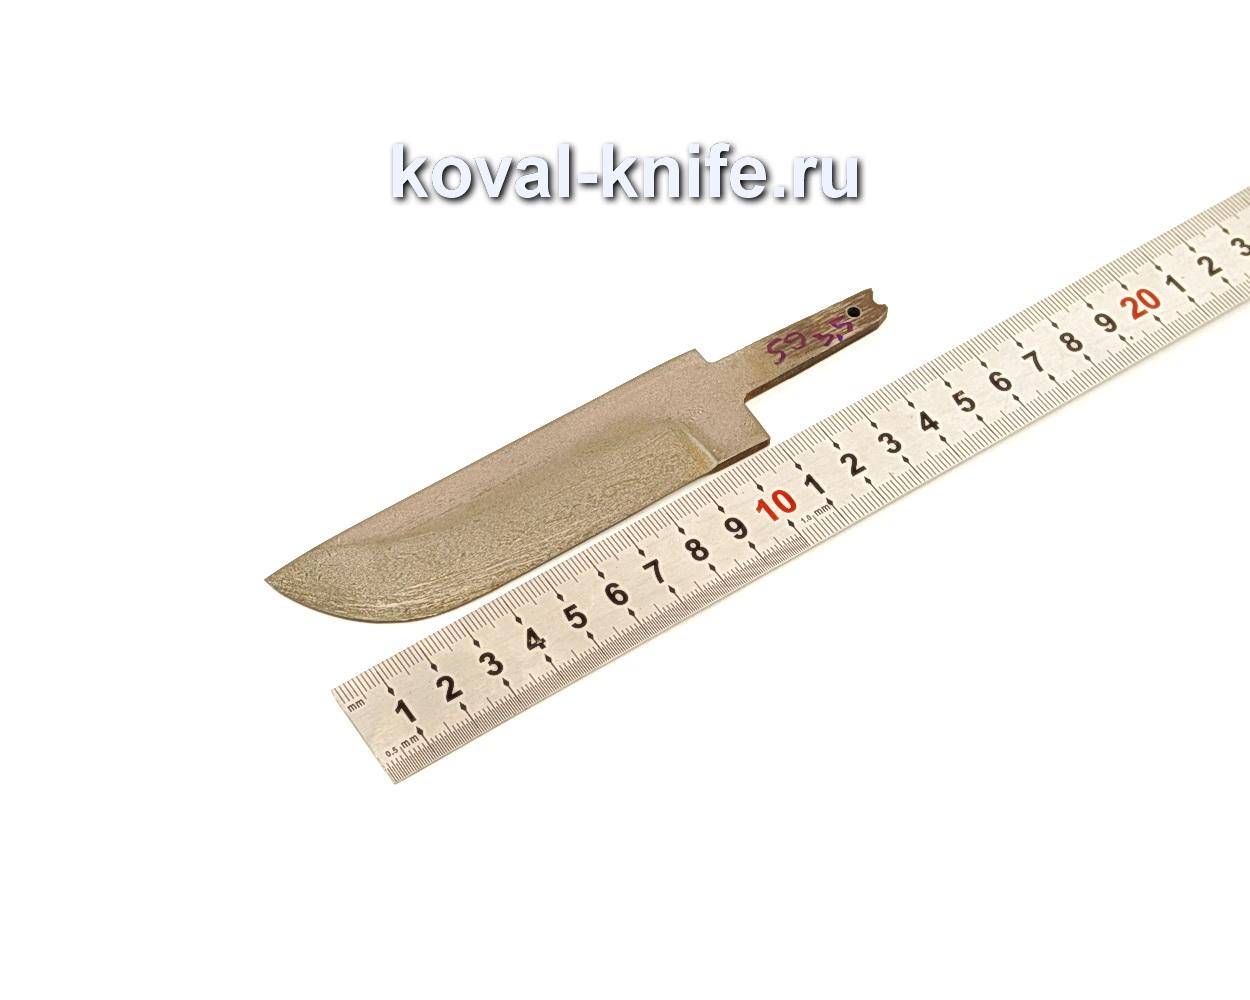 Клинок для ножа из булатной стали N59